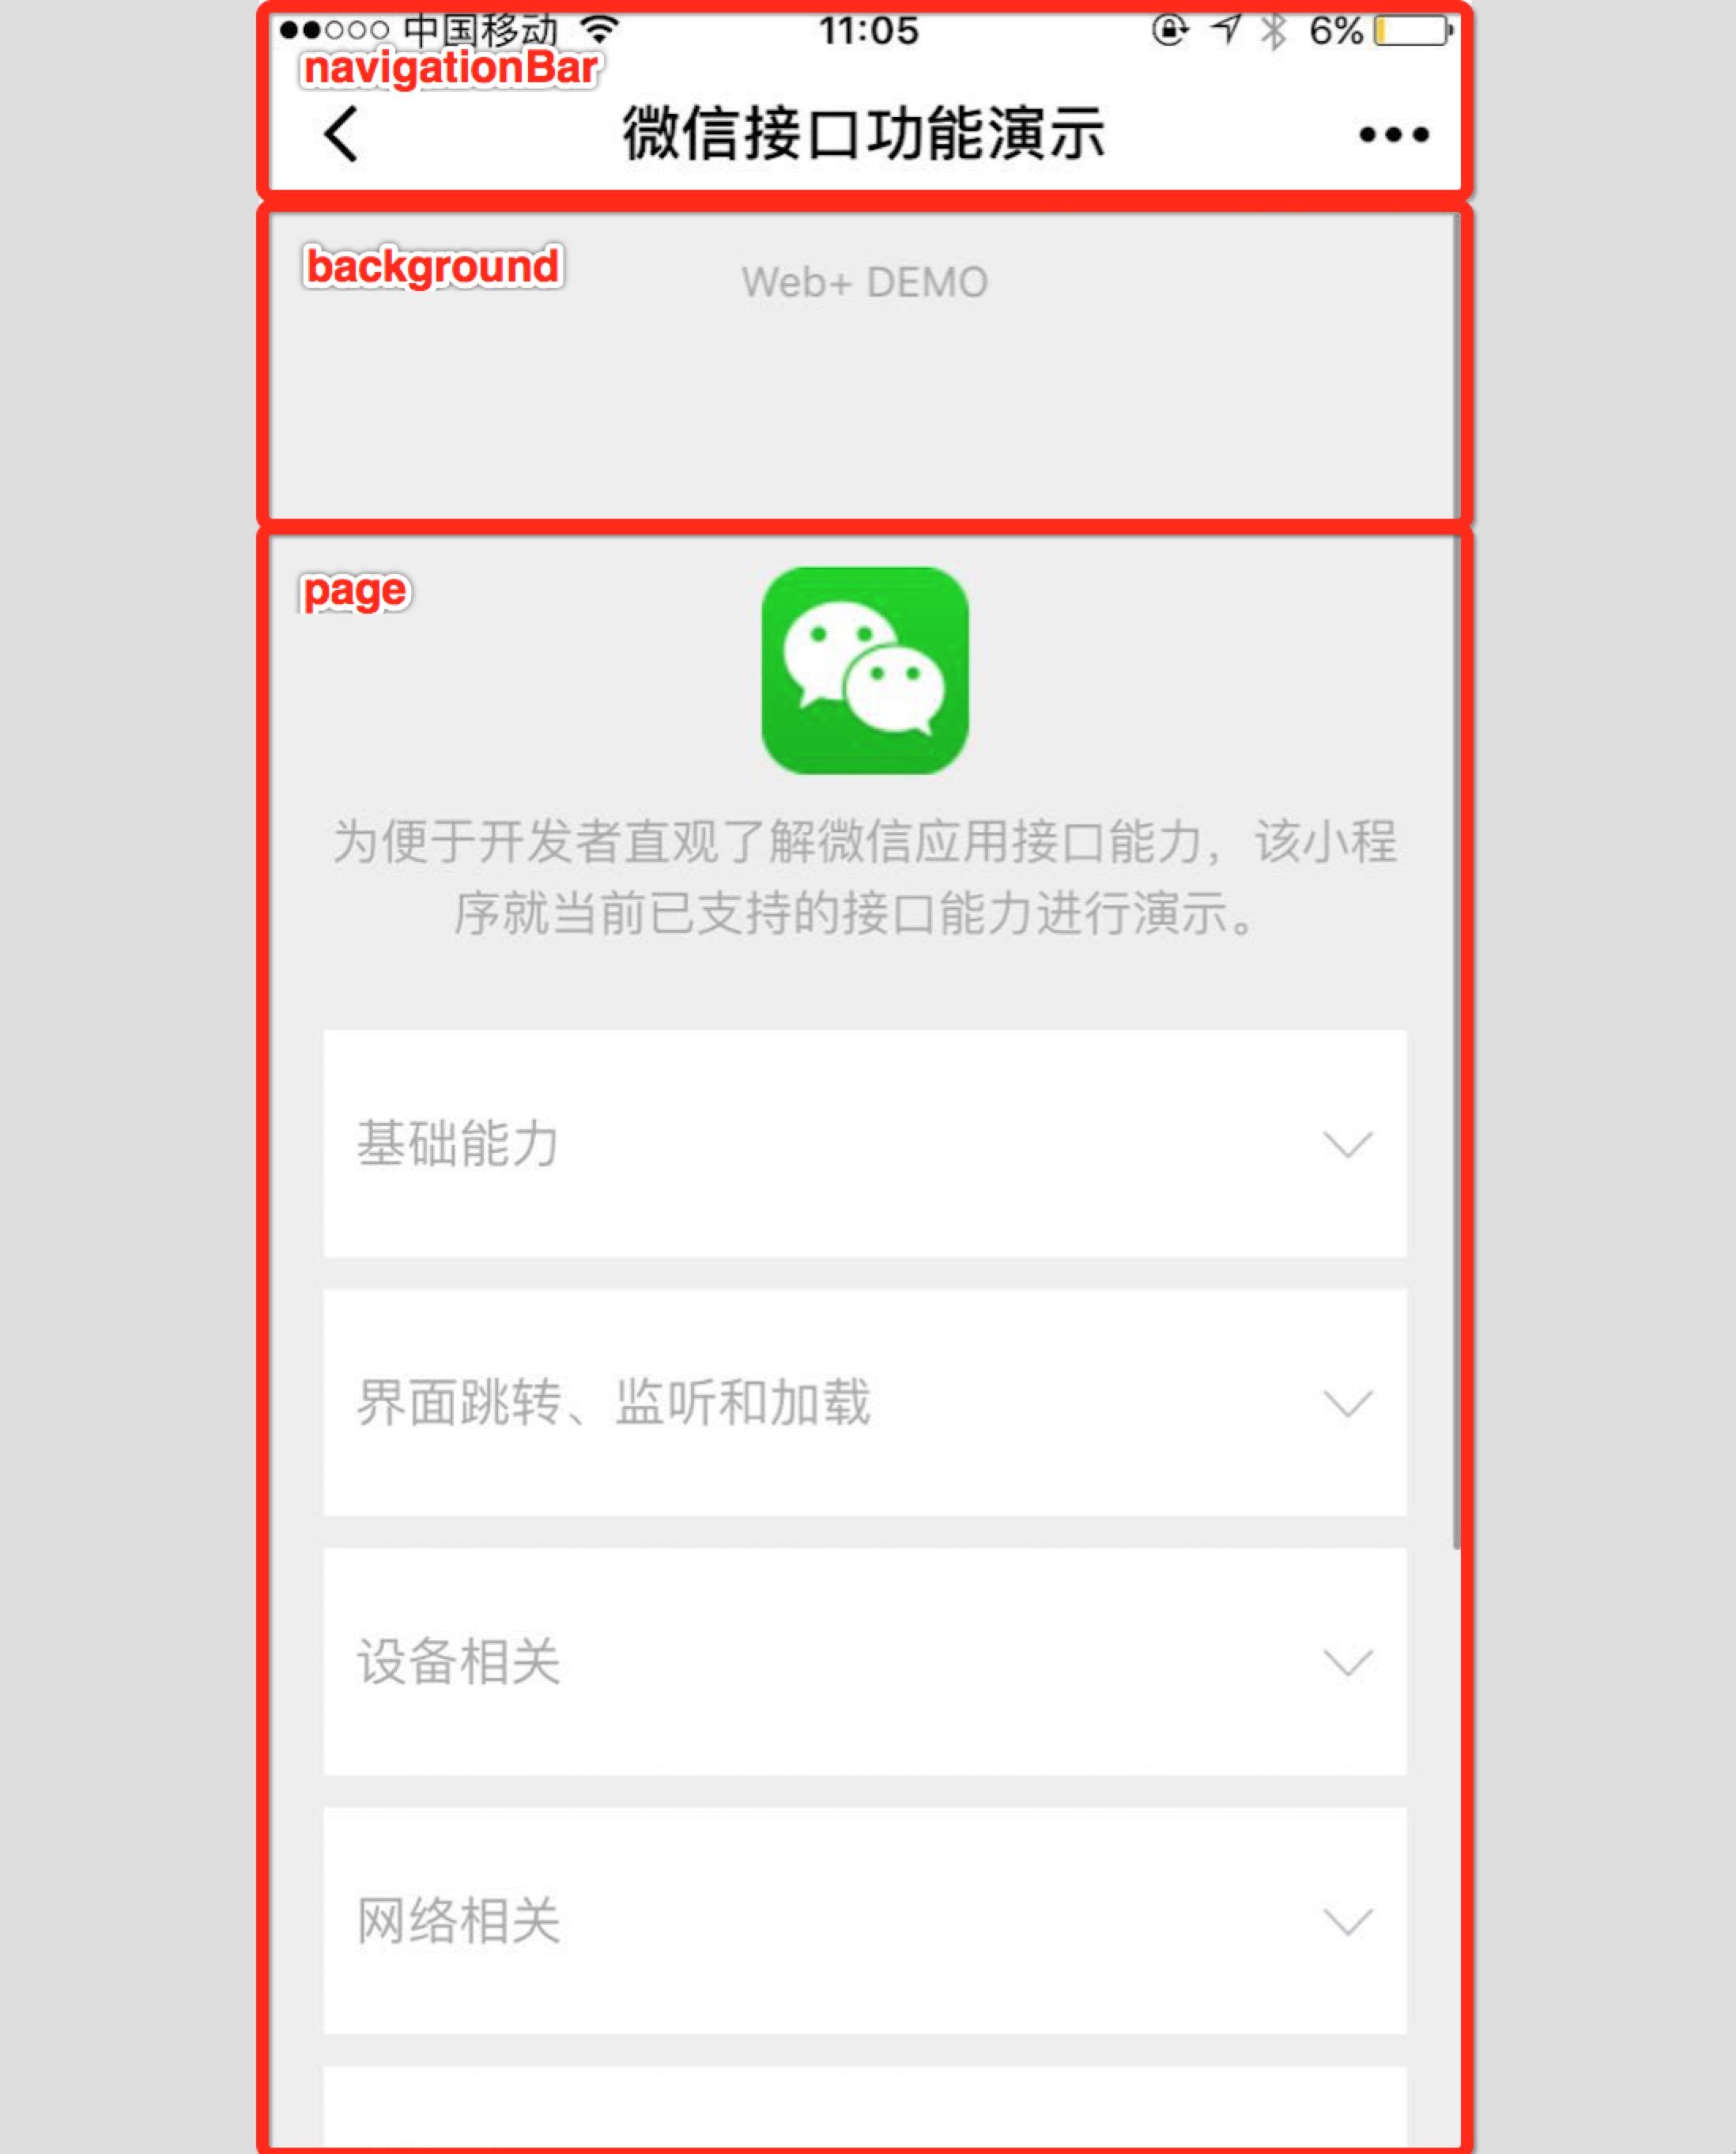 微信接口功能演示